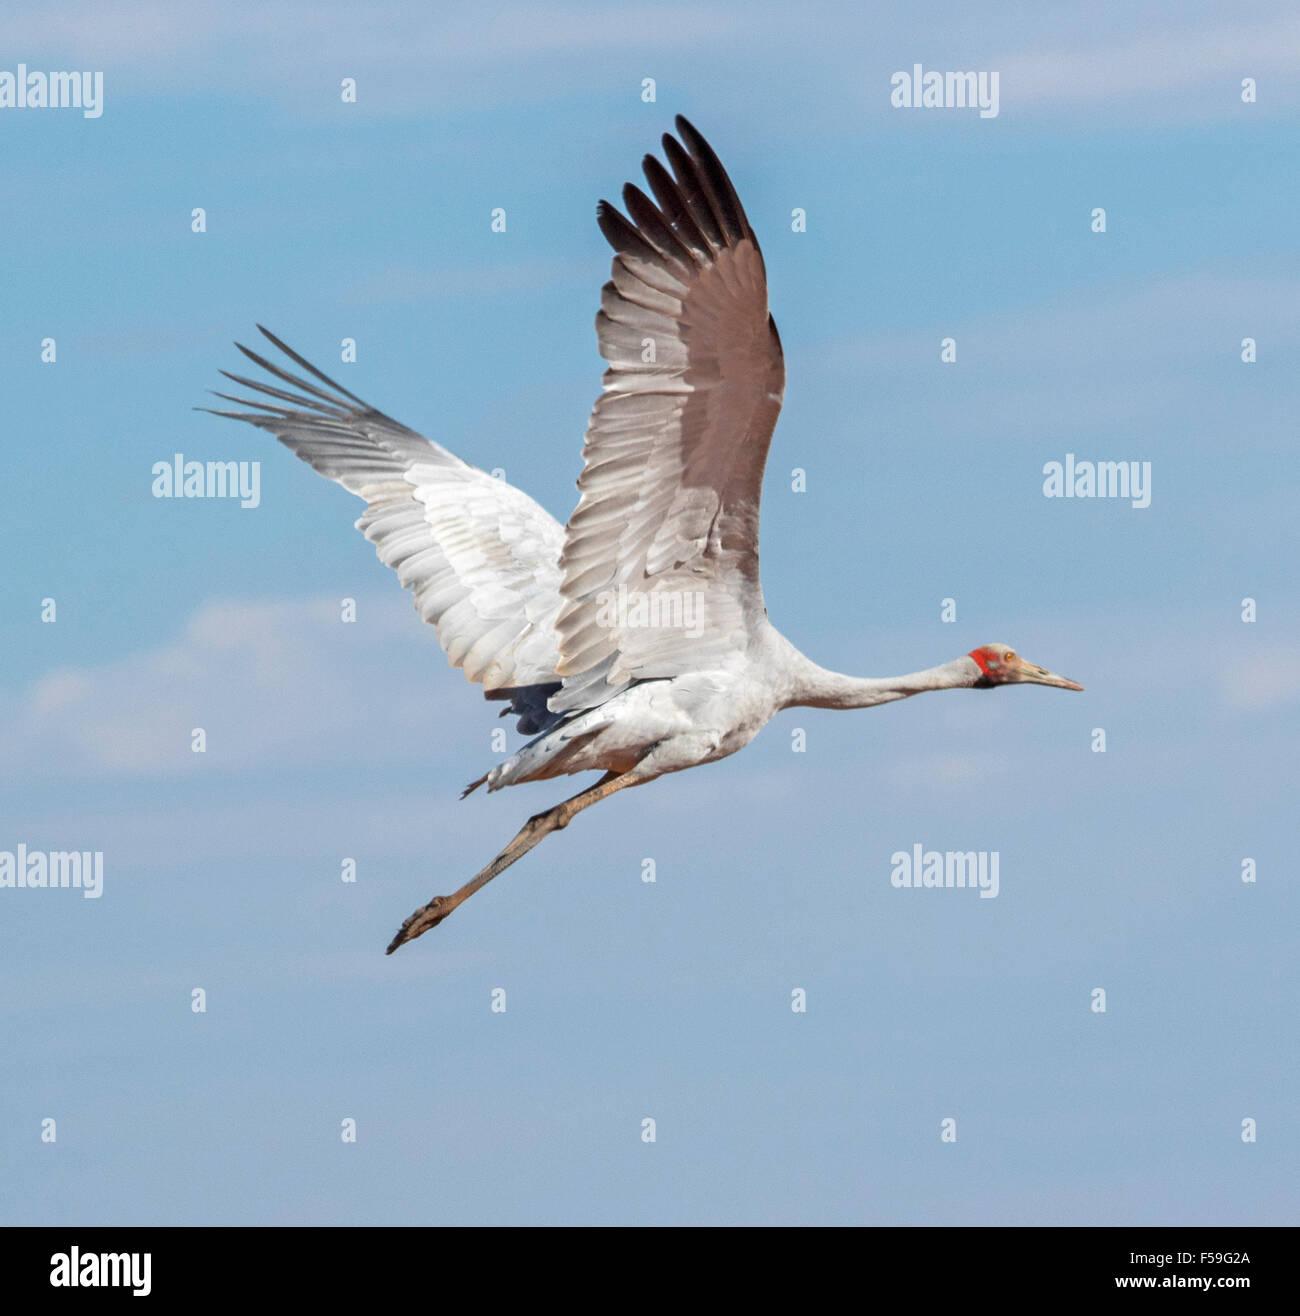 Grue Brolga, Australiens, Grus rubicunda, grand gris élégant oiseau en vol sur fond de ciel bleu dans Photo Stock